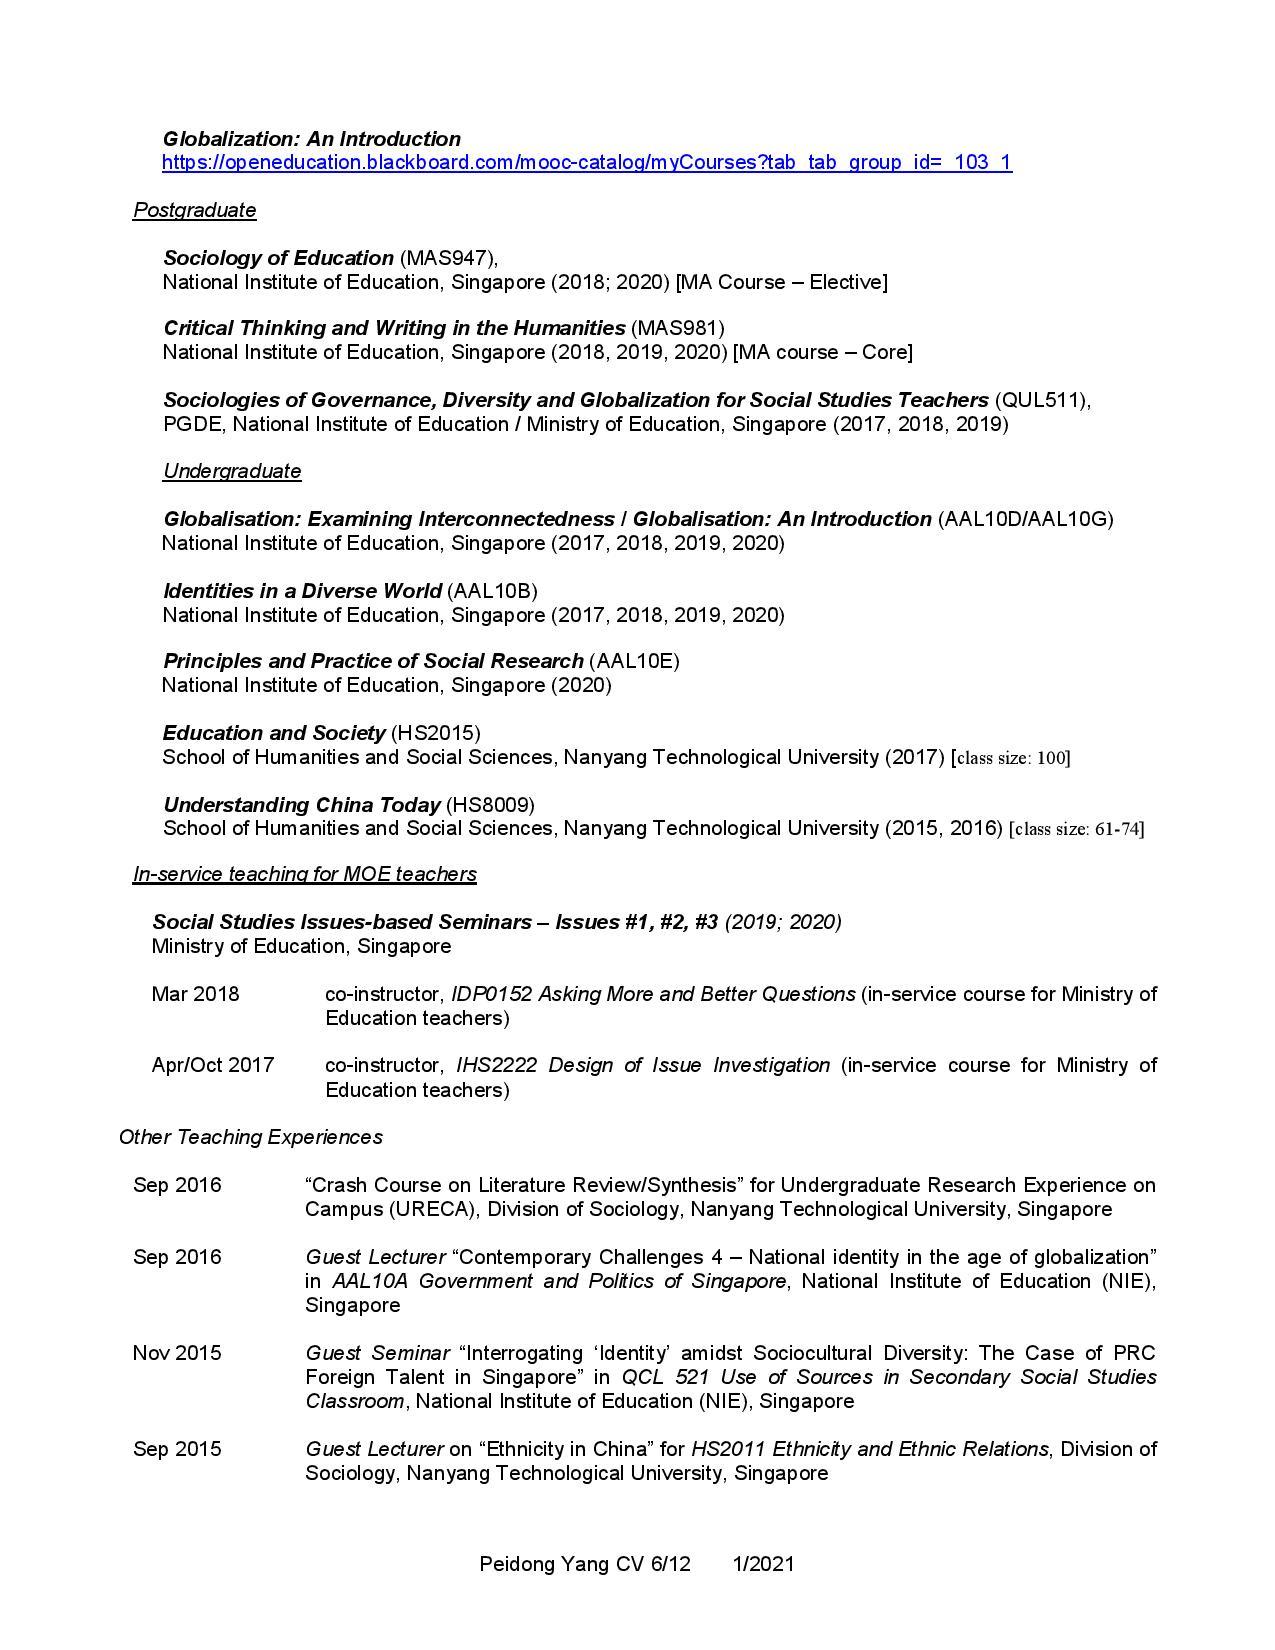 CV YANG Peidong_1.2021-page-006